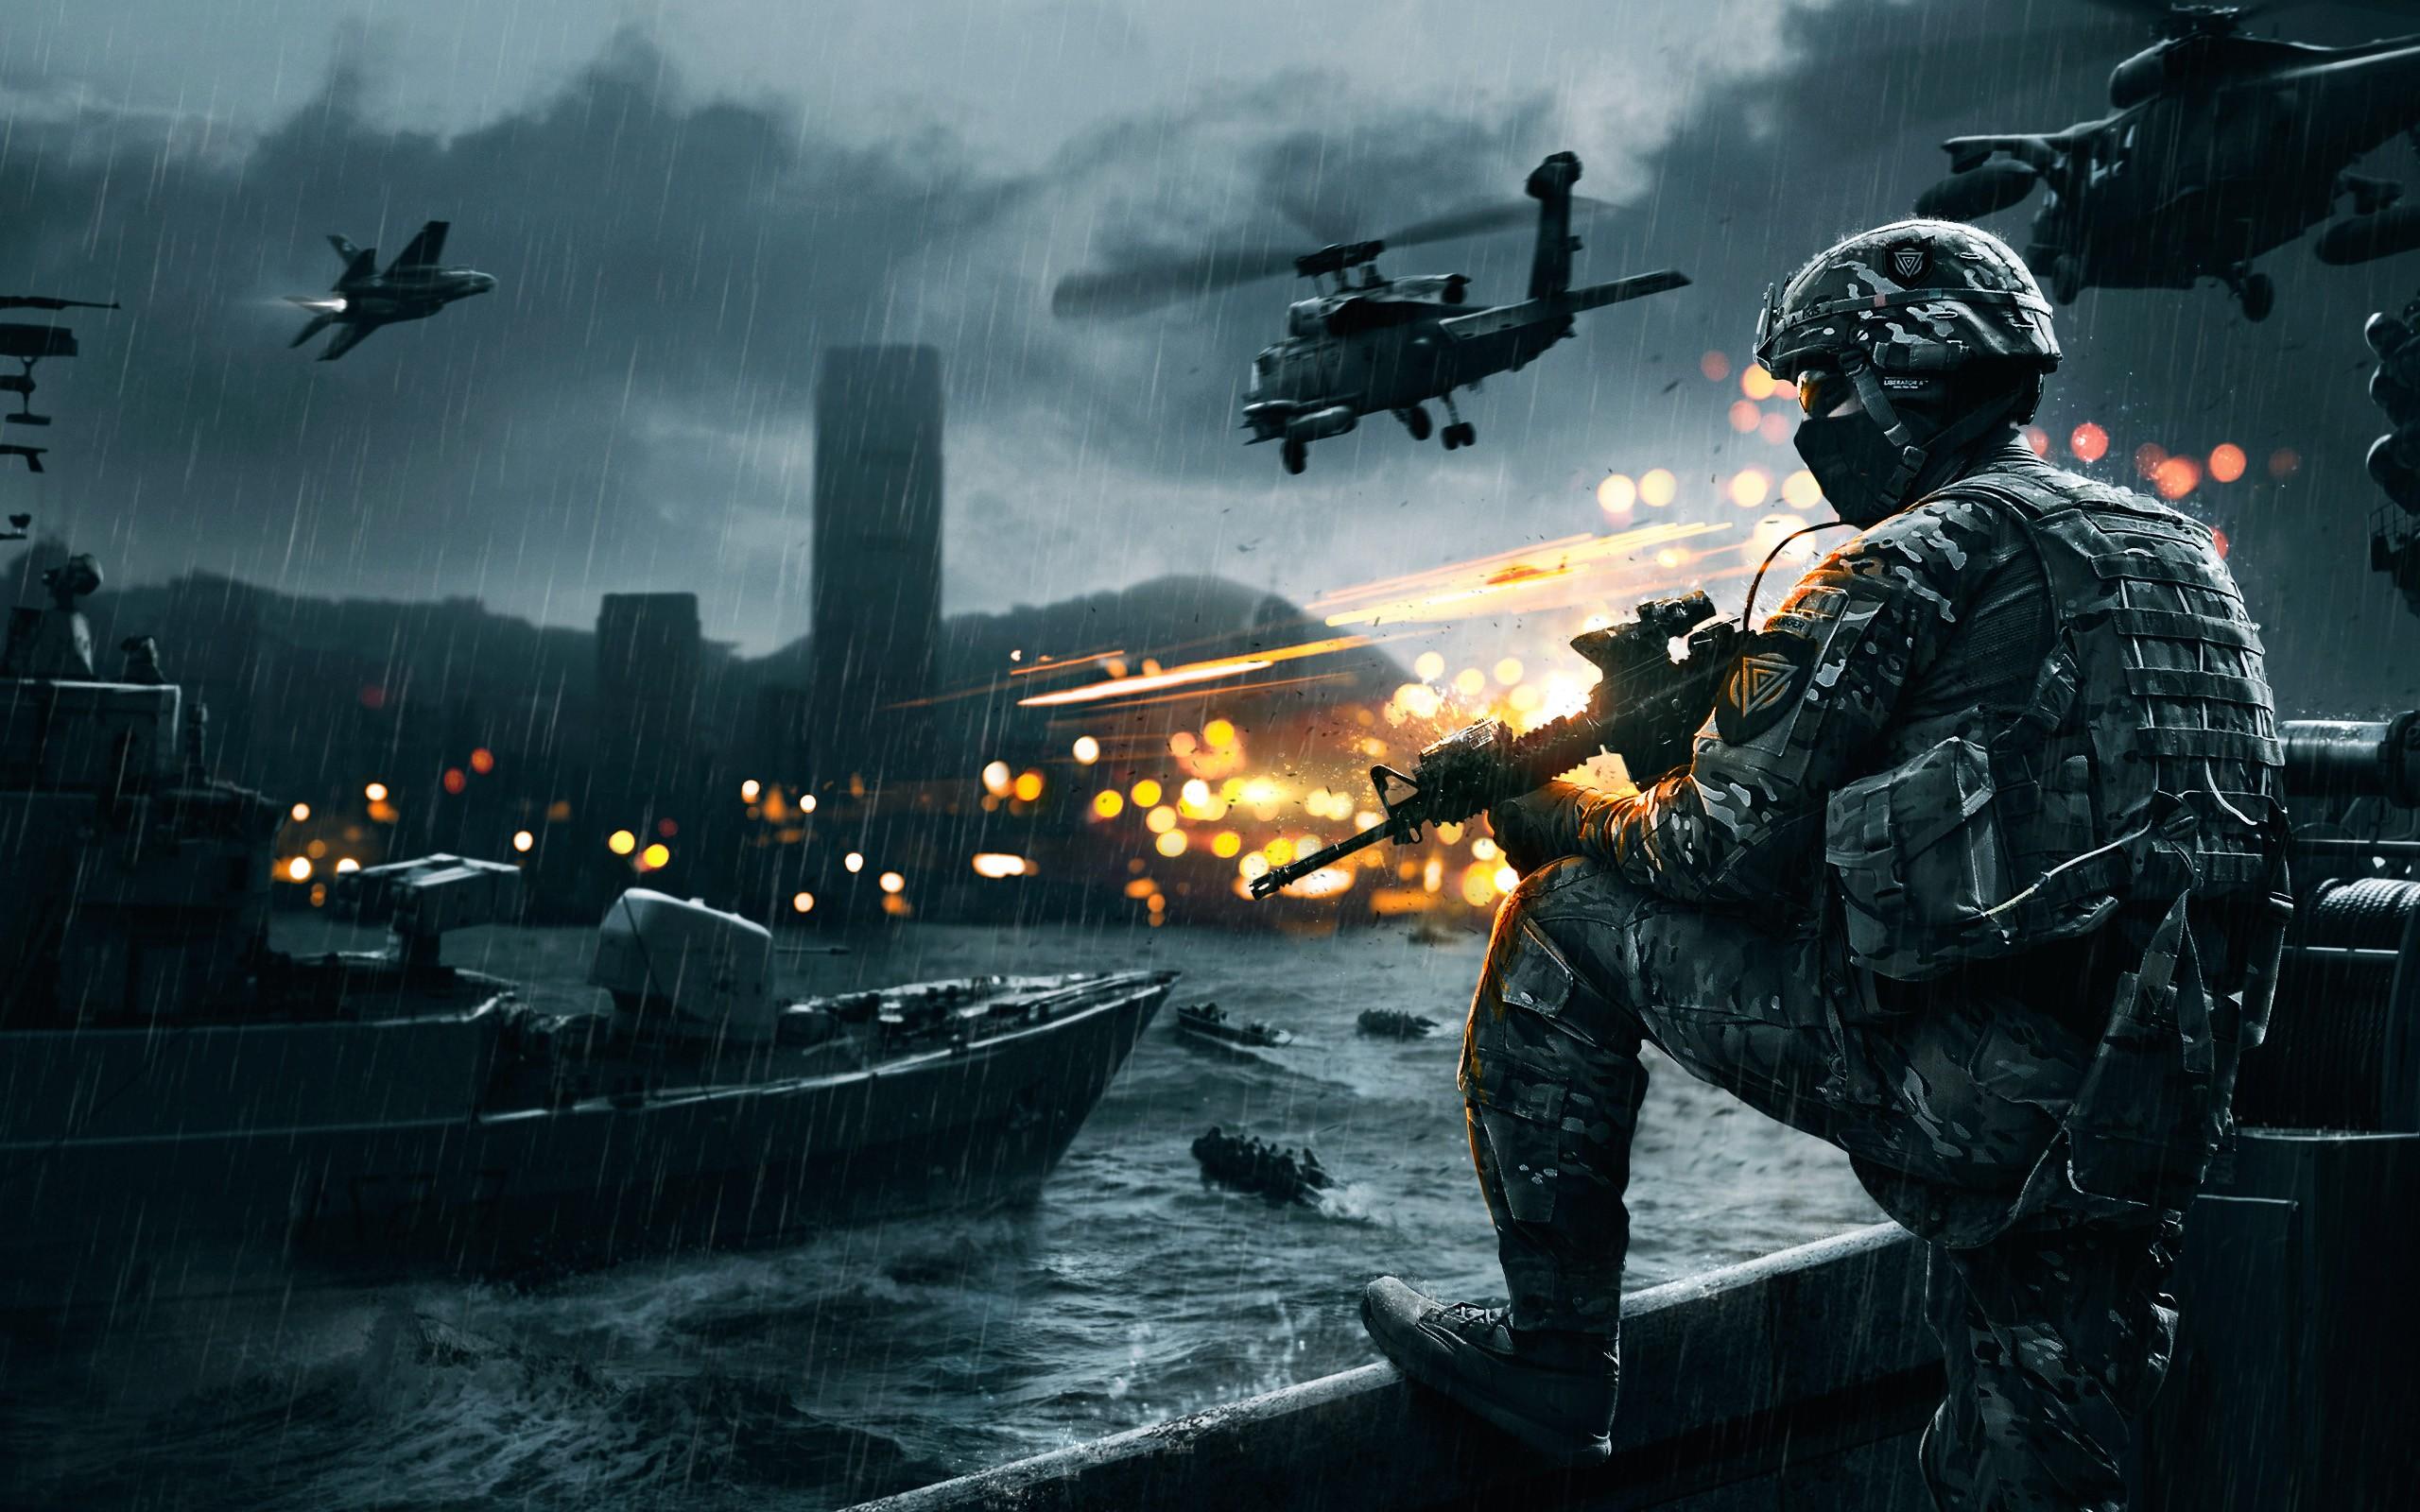 Battlefield 4 Backgrounds, Compatible - PC, Mobile, Gadgets  2560x1600 px